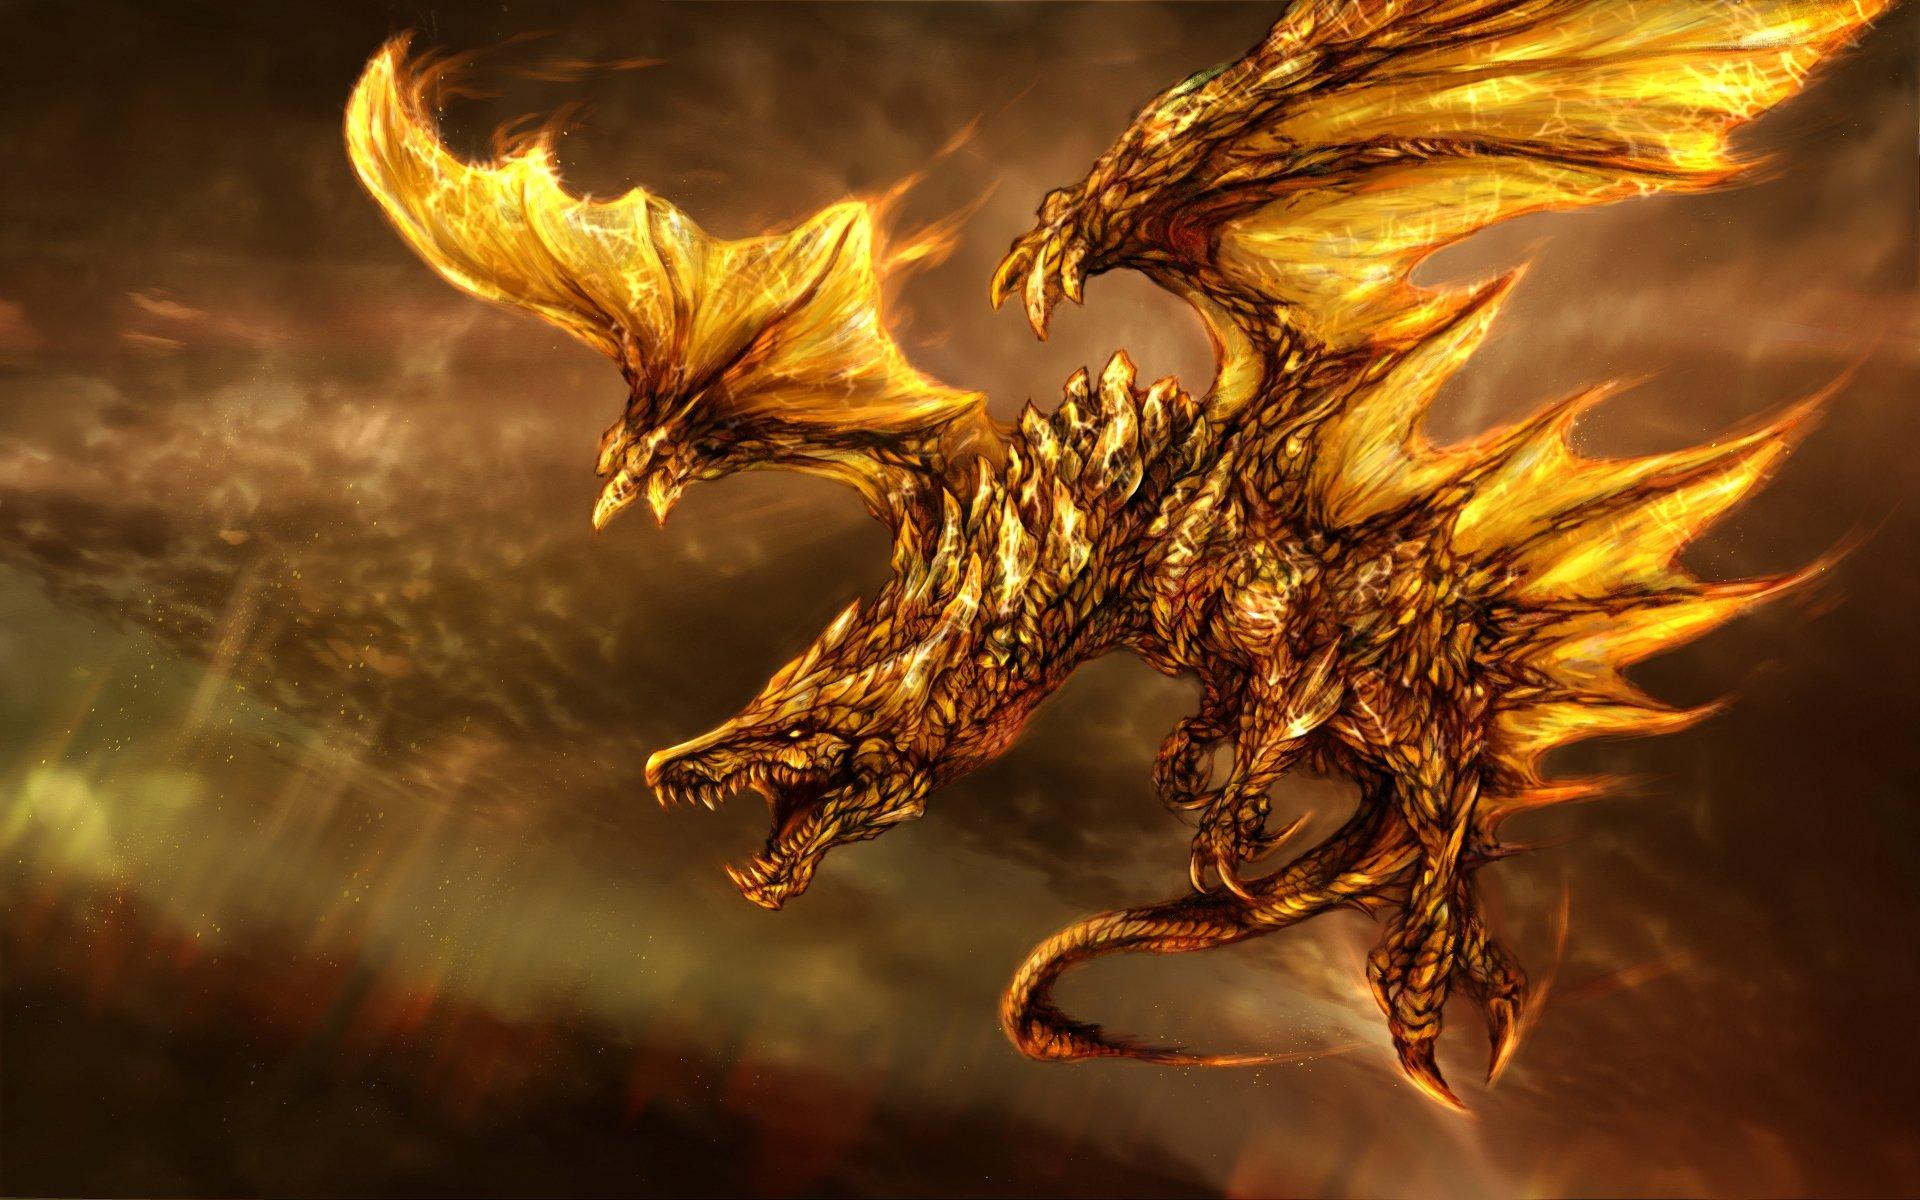 Dragon High Definition 1920x1200 1920x1200